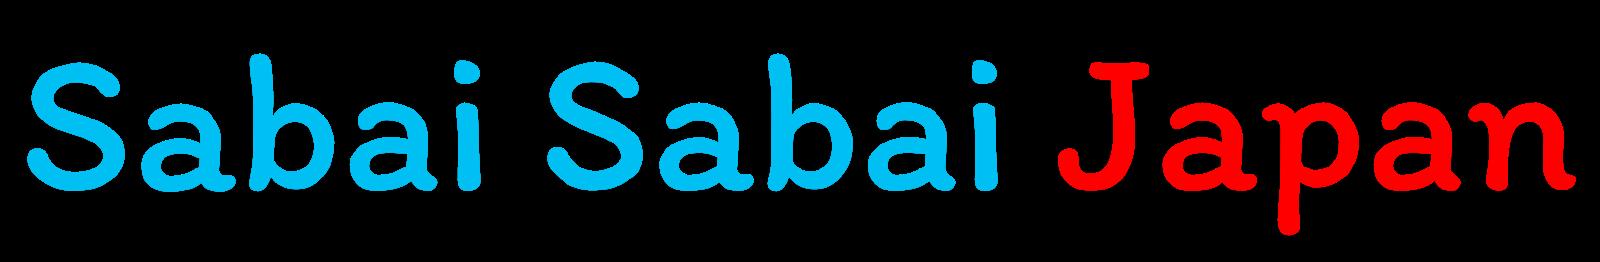 Sabai Sabai Japan